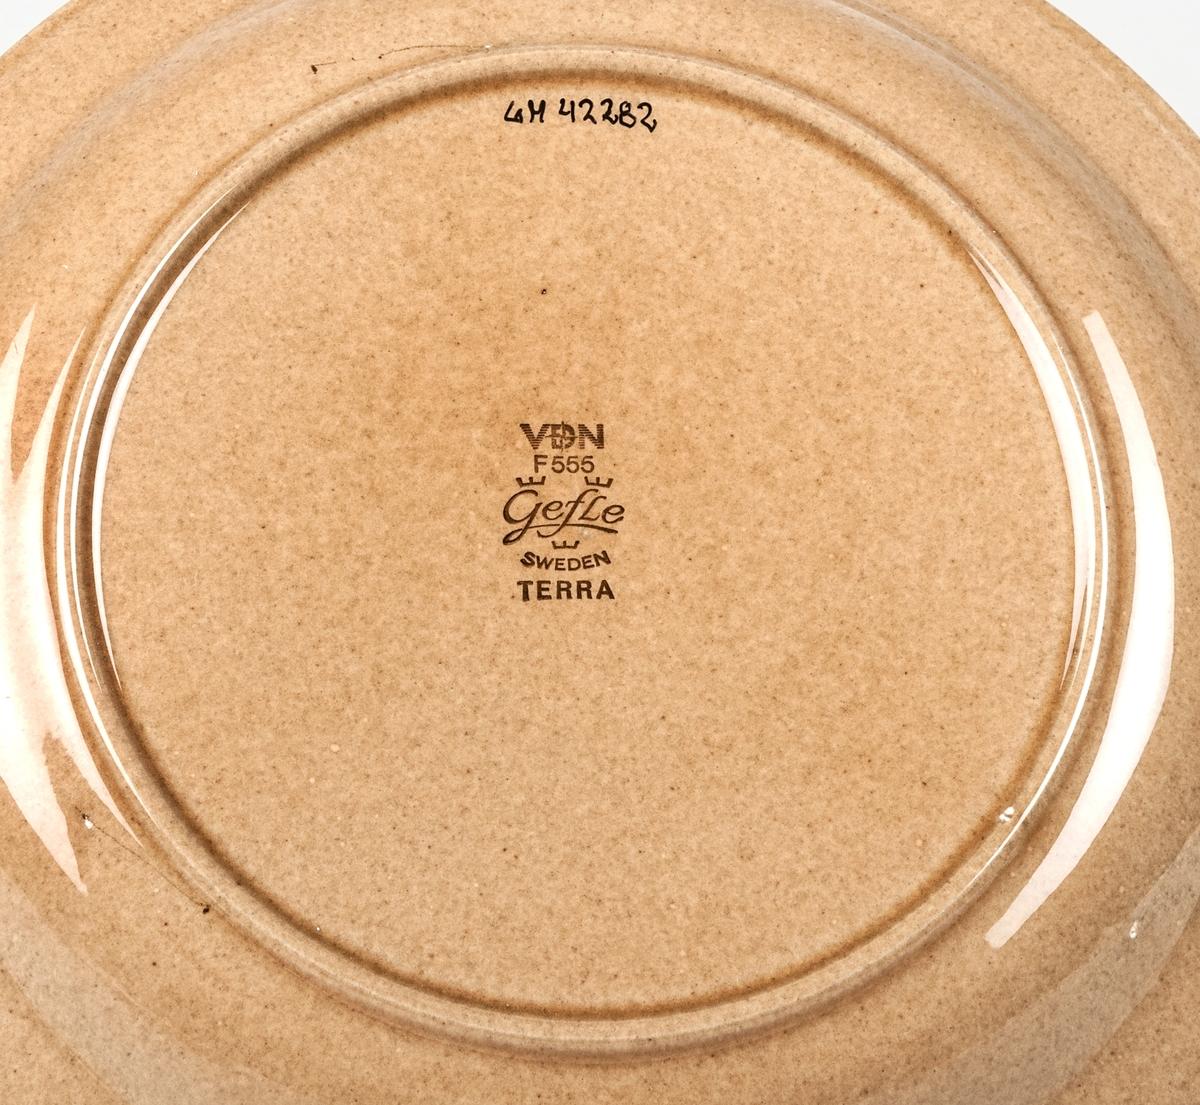 Tallrik, flat tillhörande servisen Terra, ljusbrun bottenglasyr med två mörkare band i brunt samt en reliefdekor ytterst på brättet. Design av Berit Ternell.